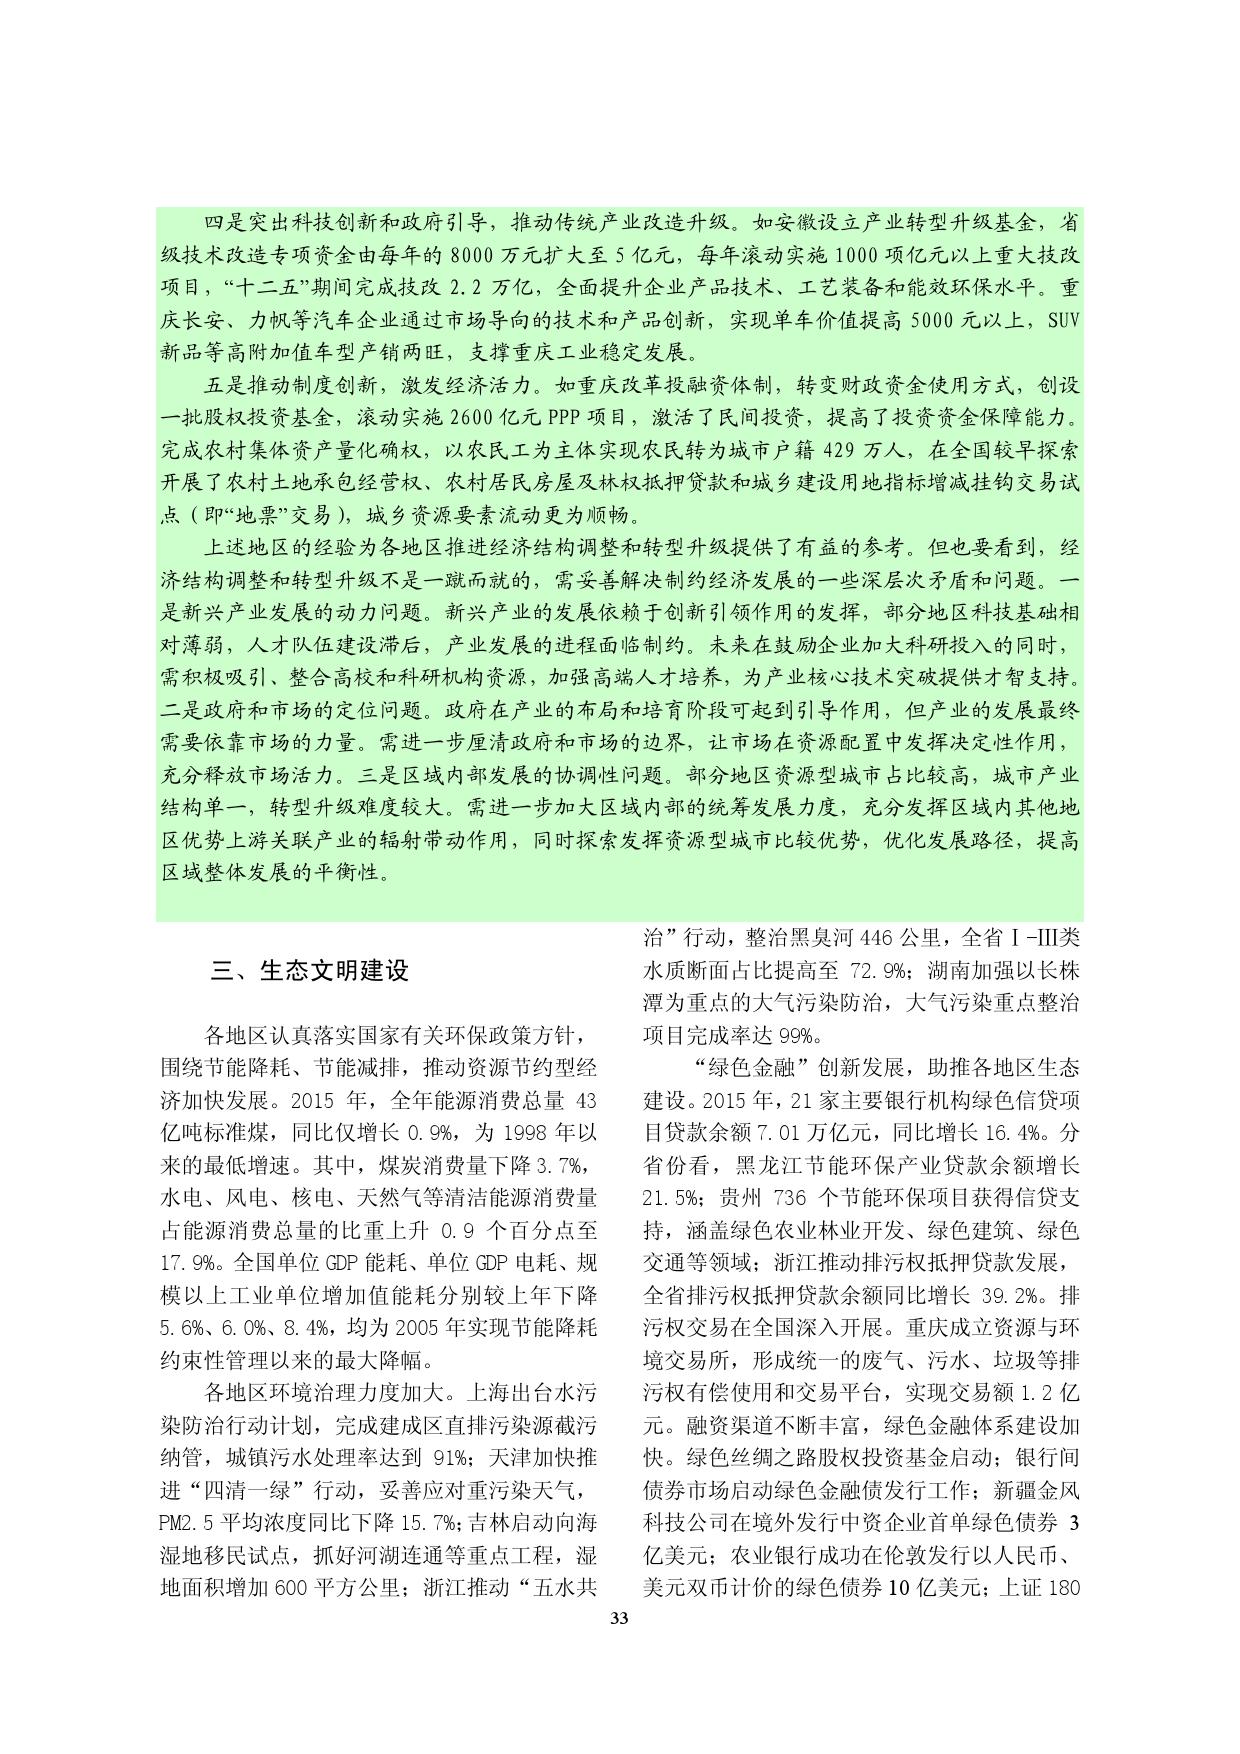 2015年中国区域金融运行报告_000036